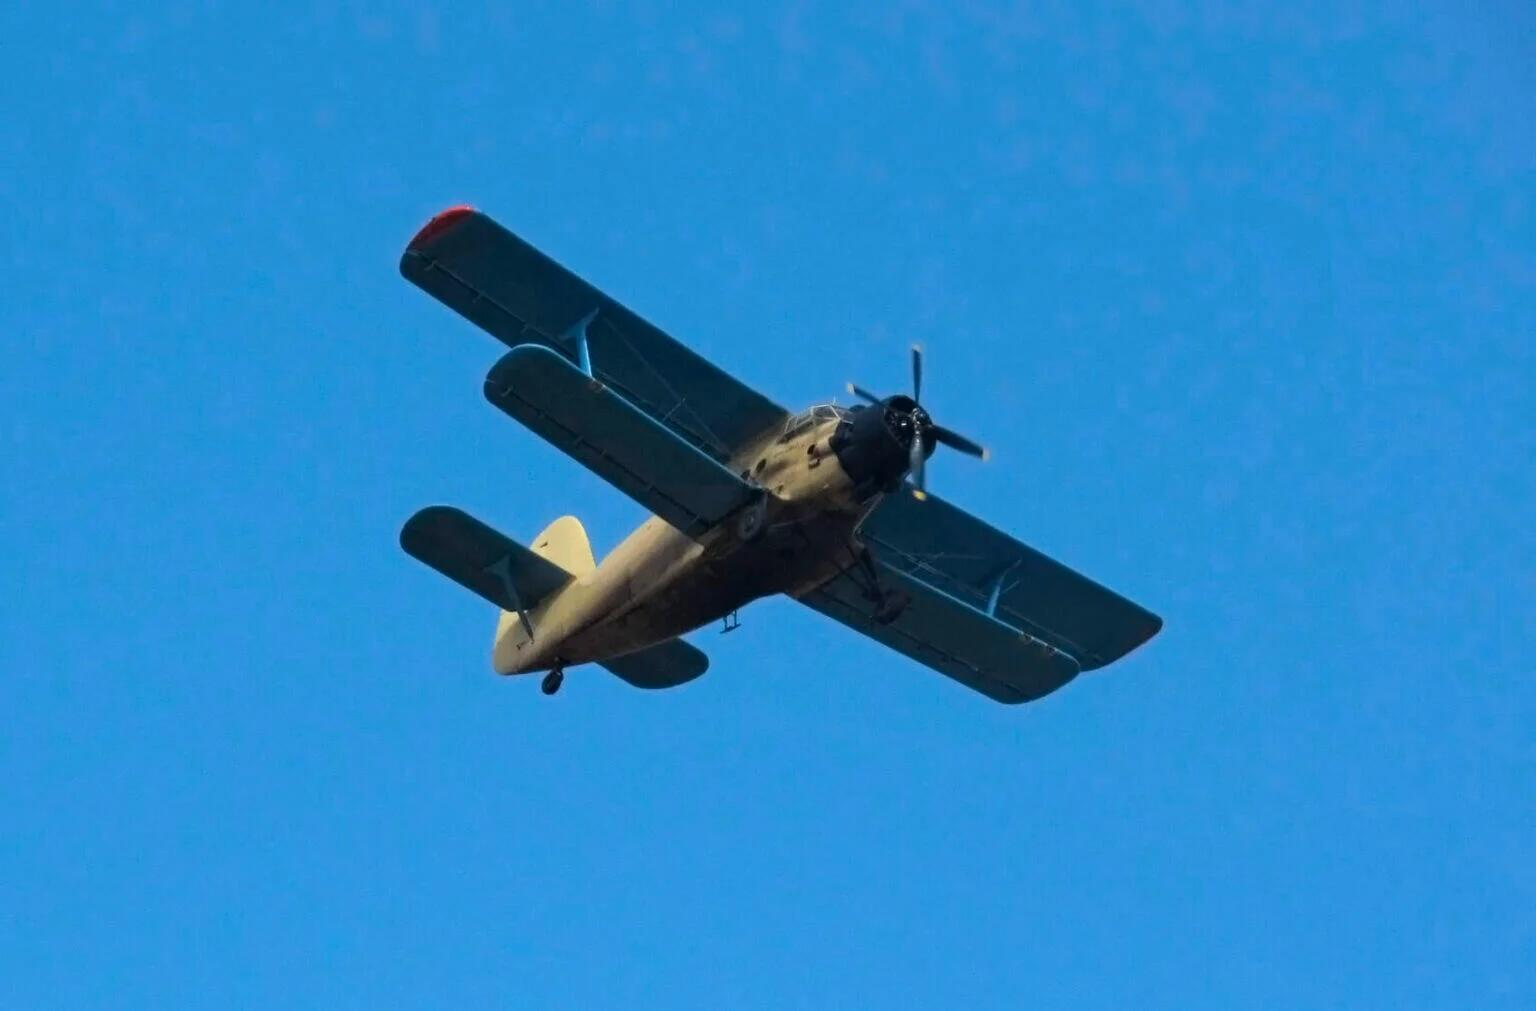 【莆田亚洲天堂】_阿塞拜疆把年过半百的老飞机改造成无人机 用于空中侦察